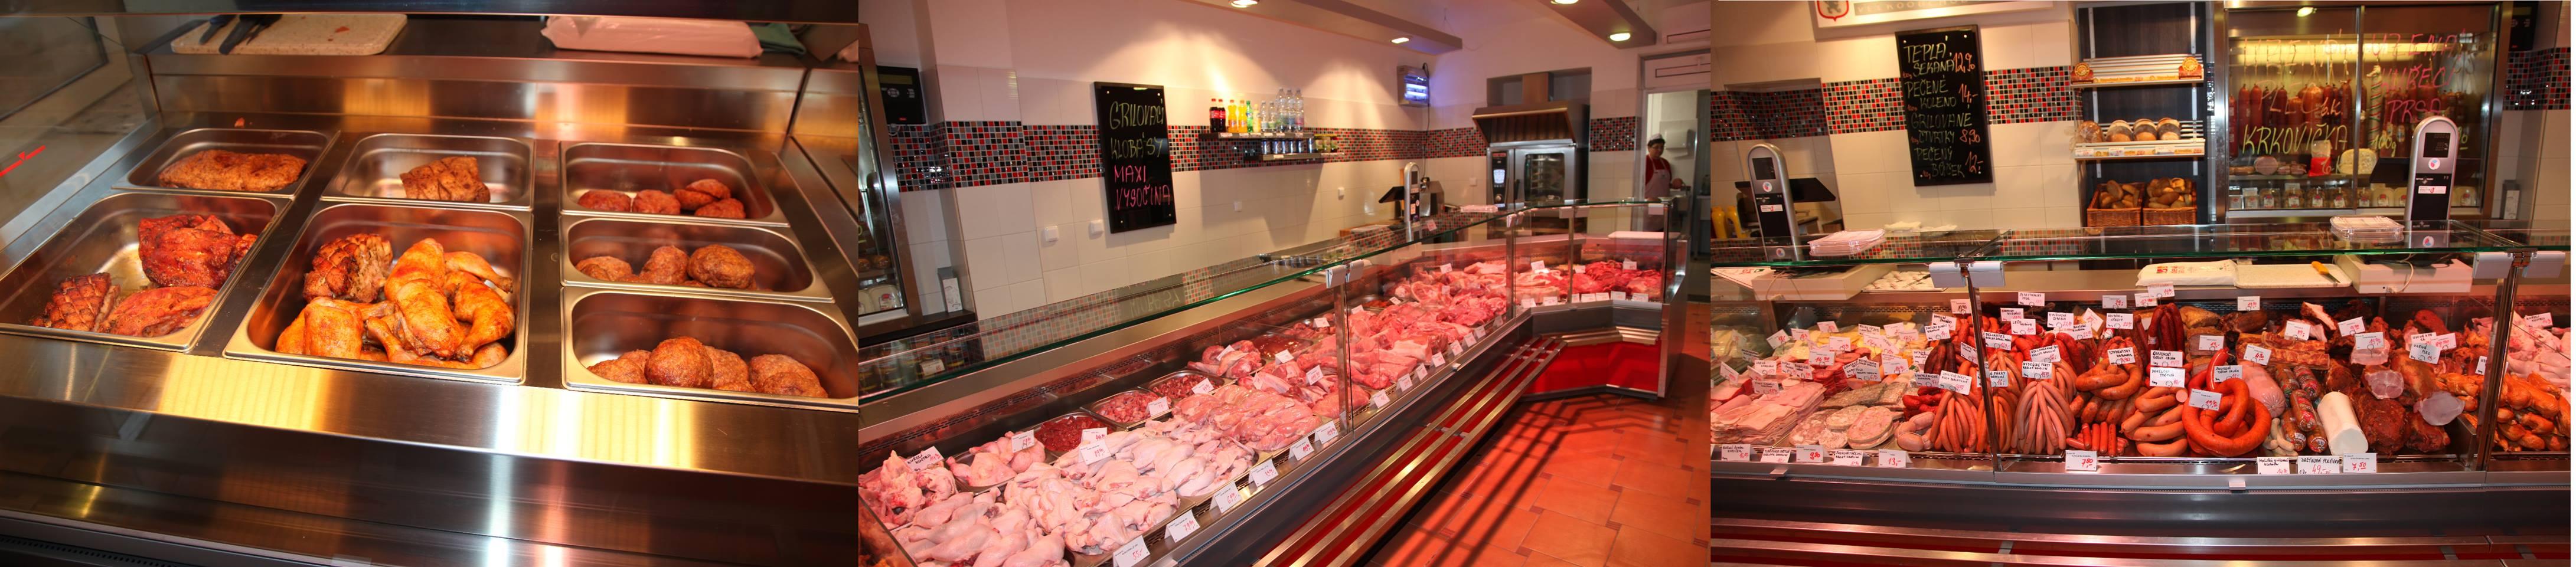 Čerstvé výsekové maso, uzenářská výroba, velkoobchod a síť severočeských prodejen